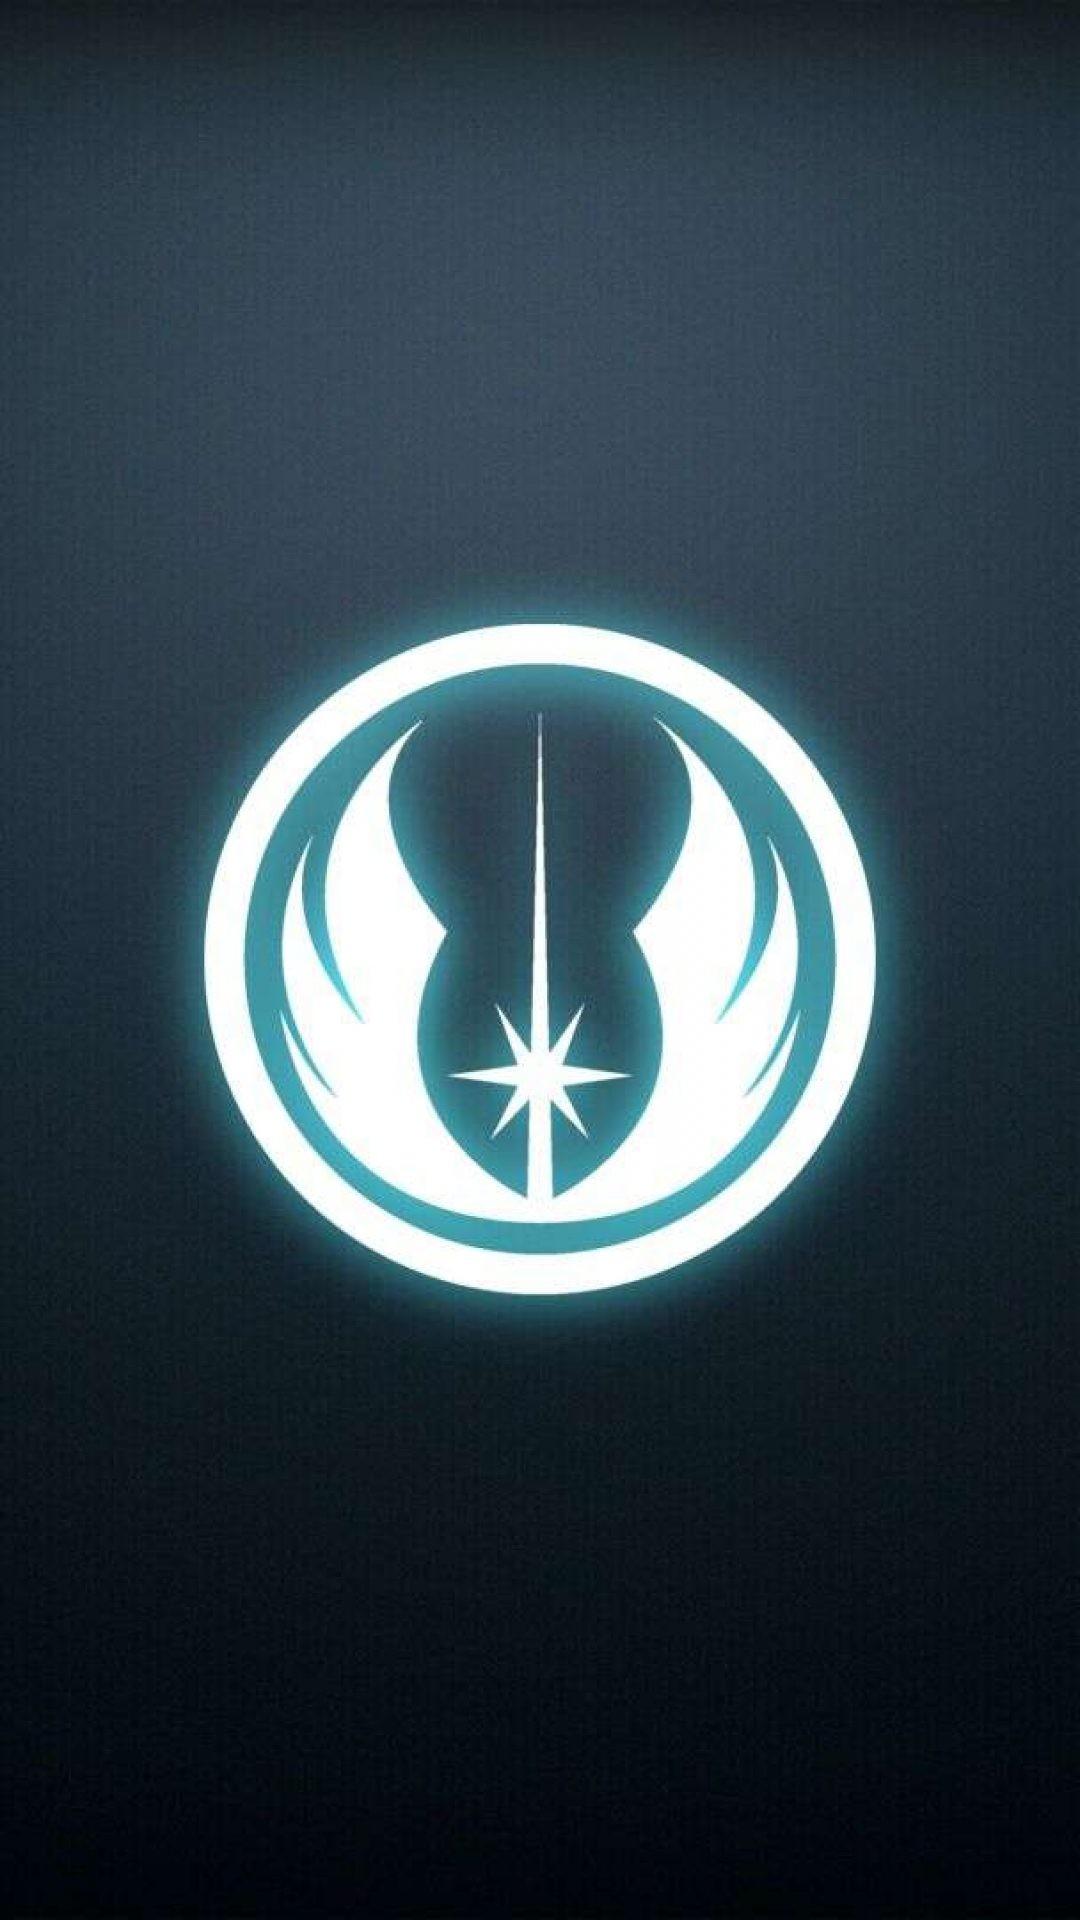 Star Wars Jedi Symbol Wallpaper Data src   Star Wars Phone 1080x1920